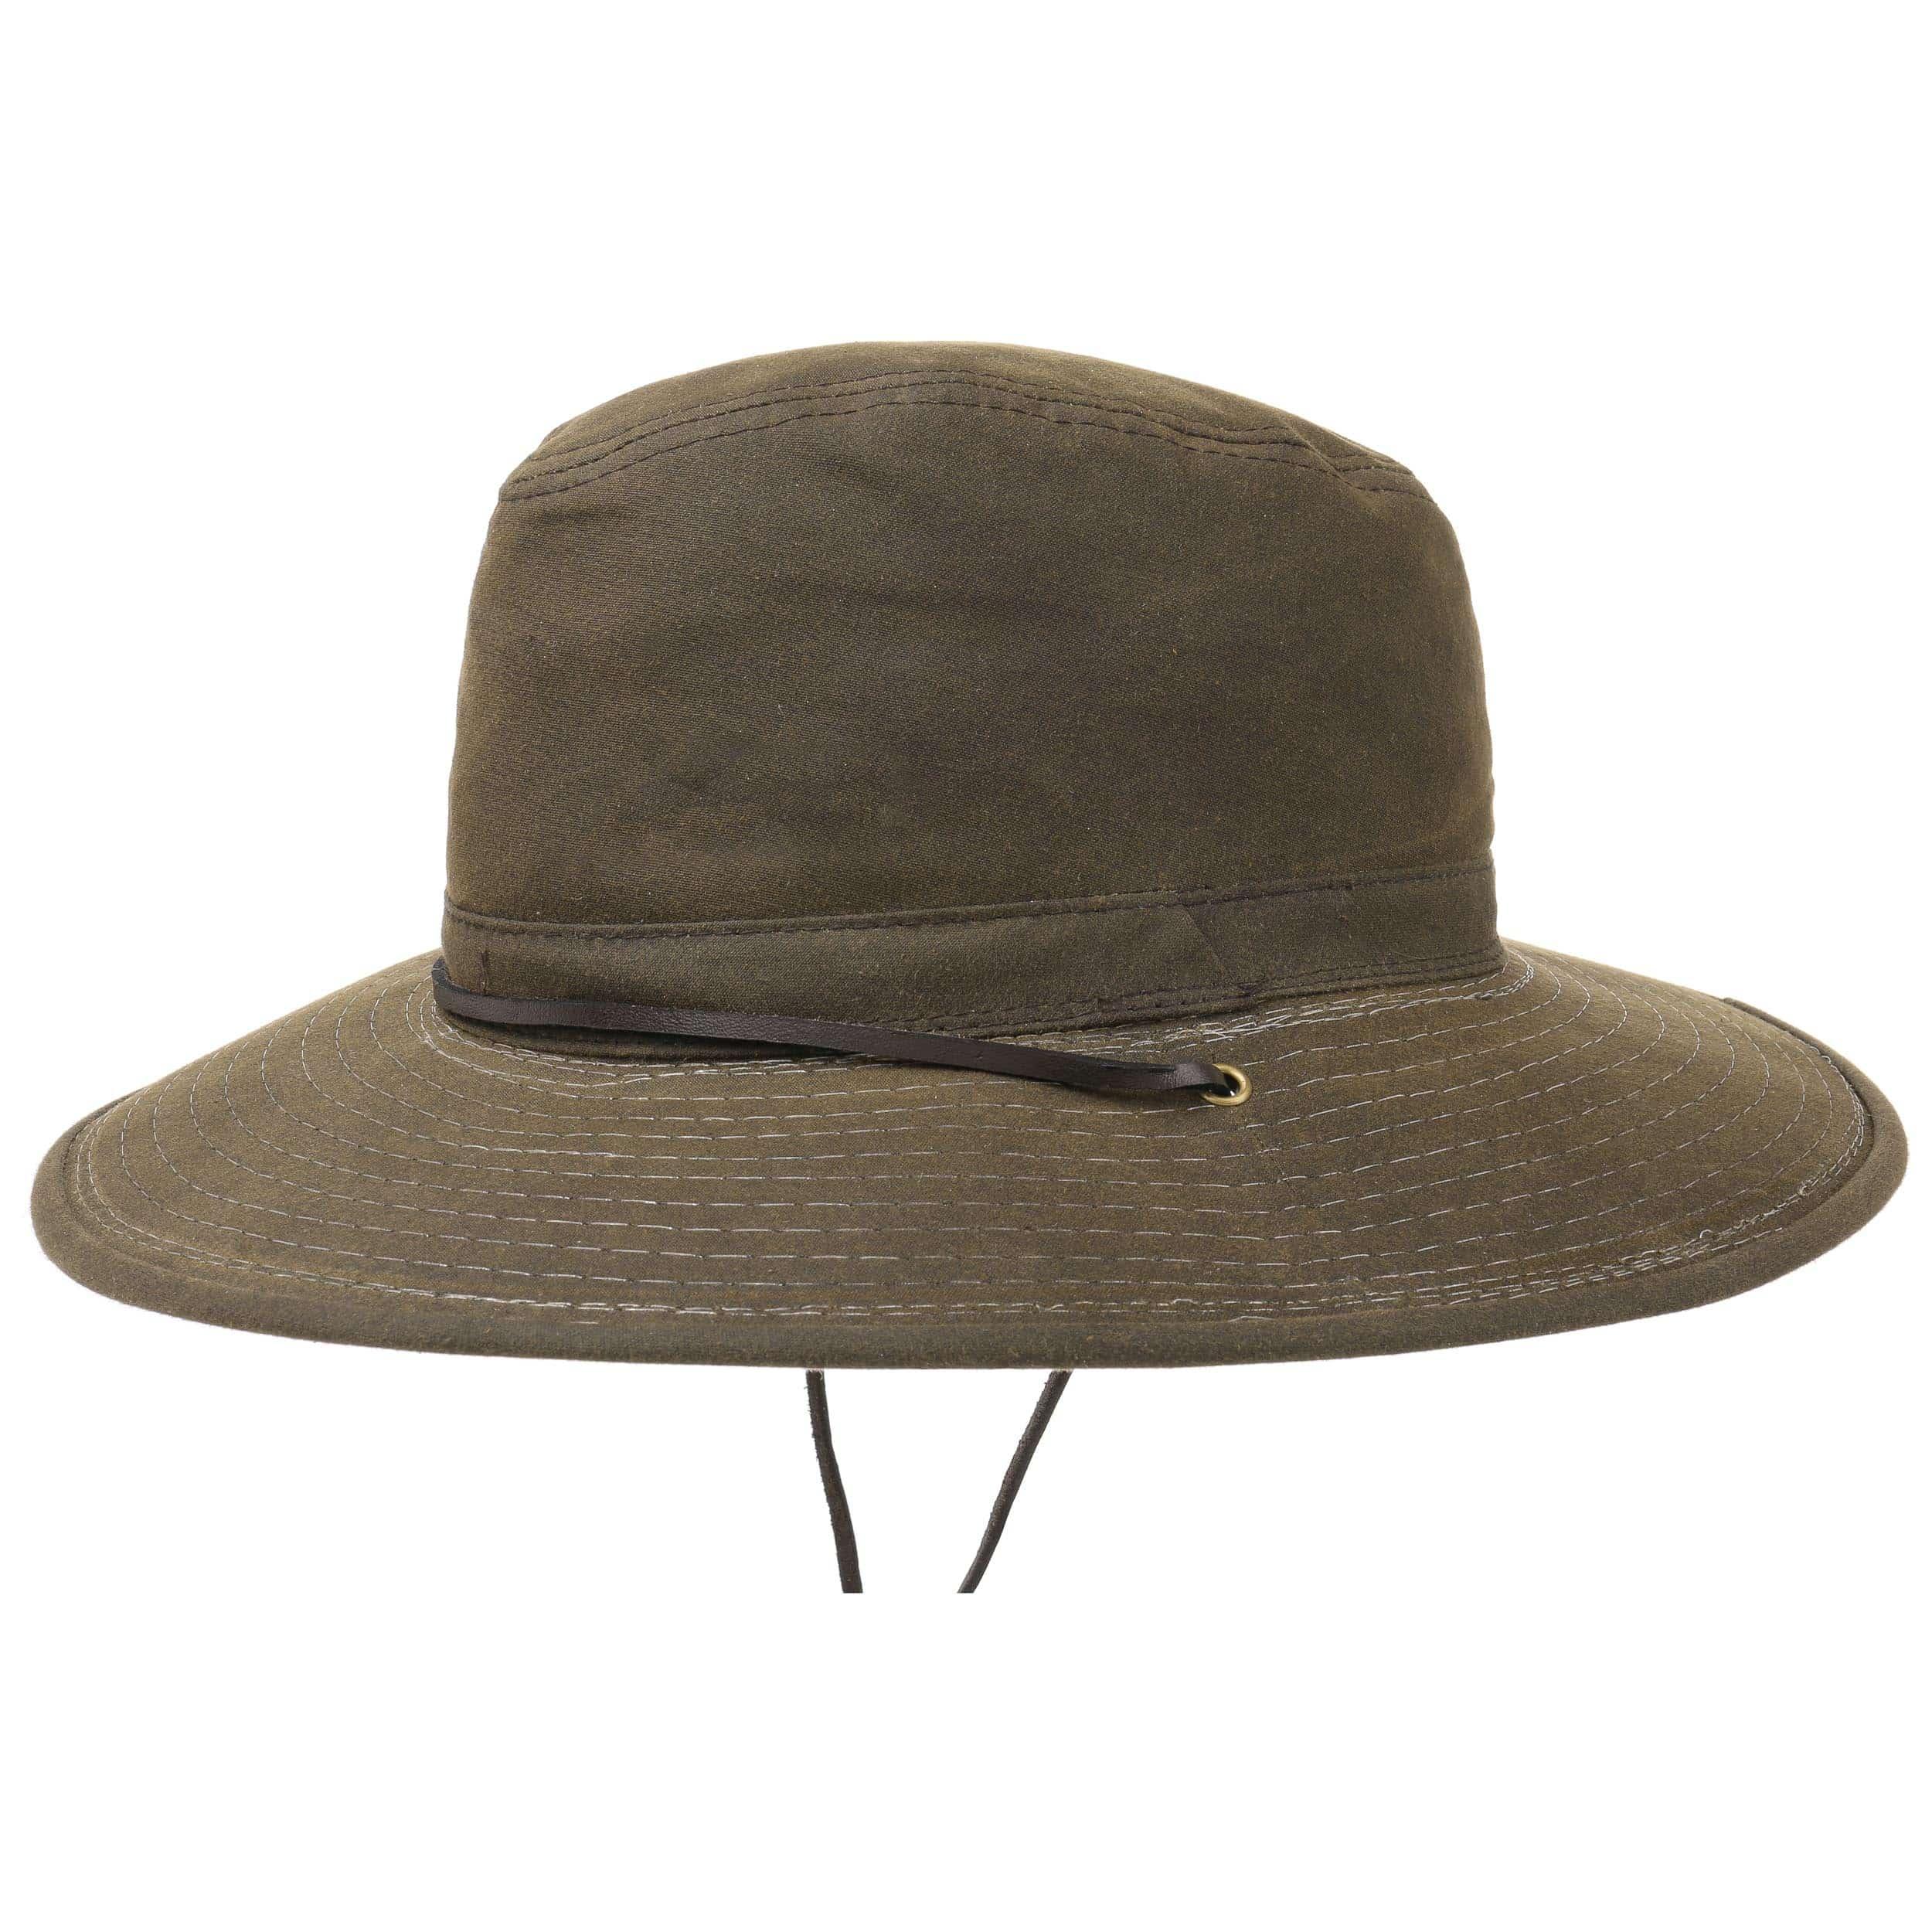 ... Cappello da Sole Safari Oiled Cotton - marrone 4 ... ddafecd84461